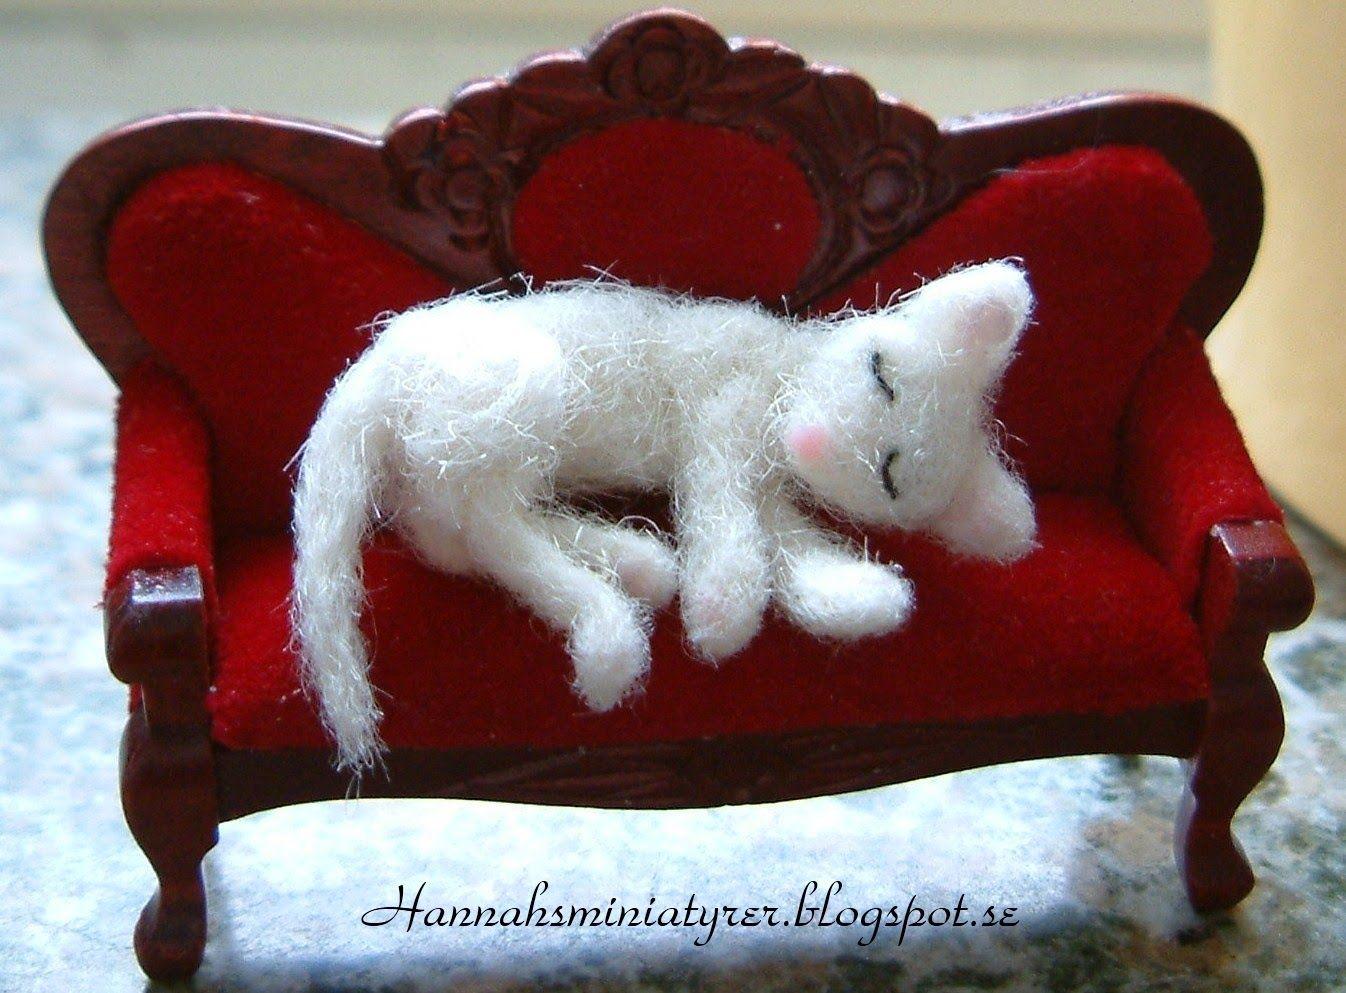 Hannahsminiatyrer: Needle felted cat on a sofa.